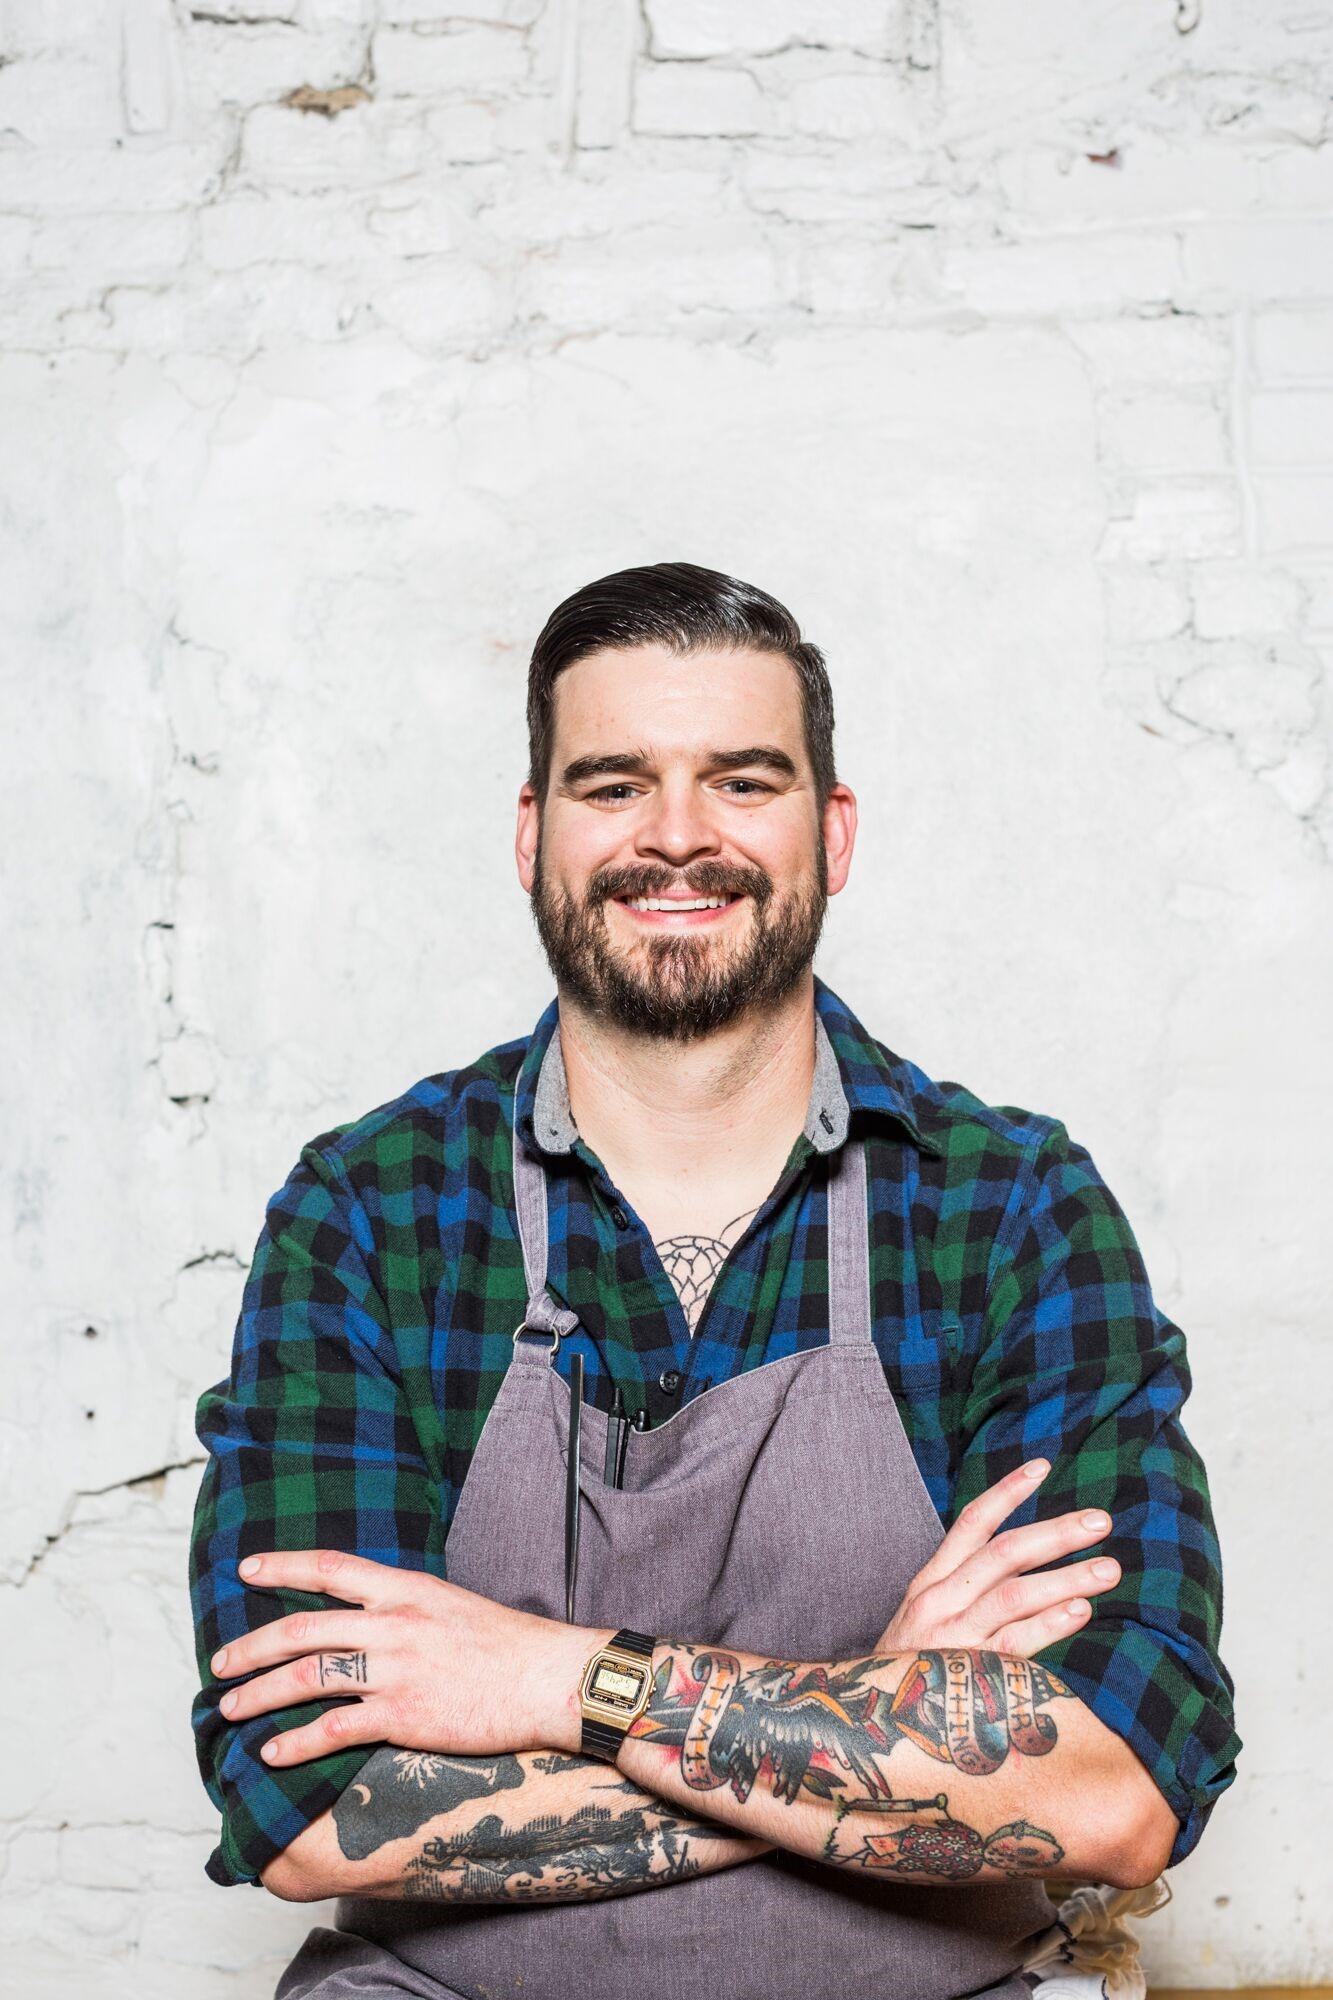 Chef Brian Baxter